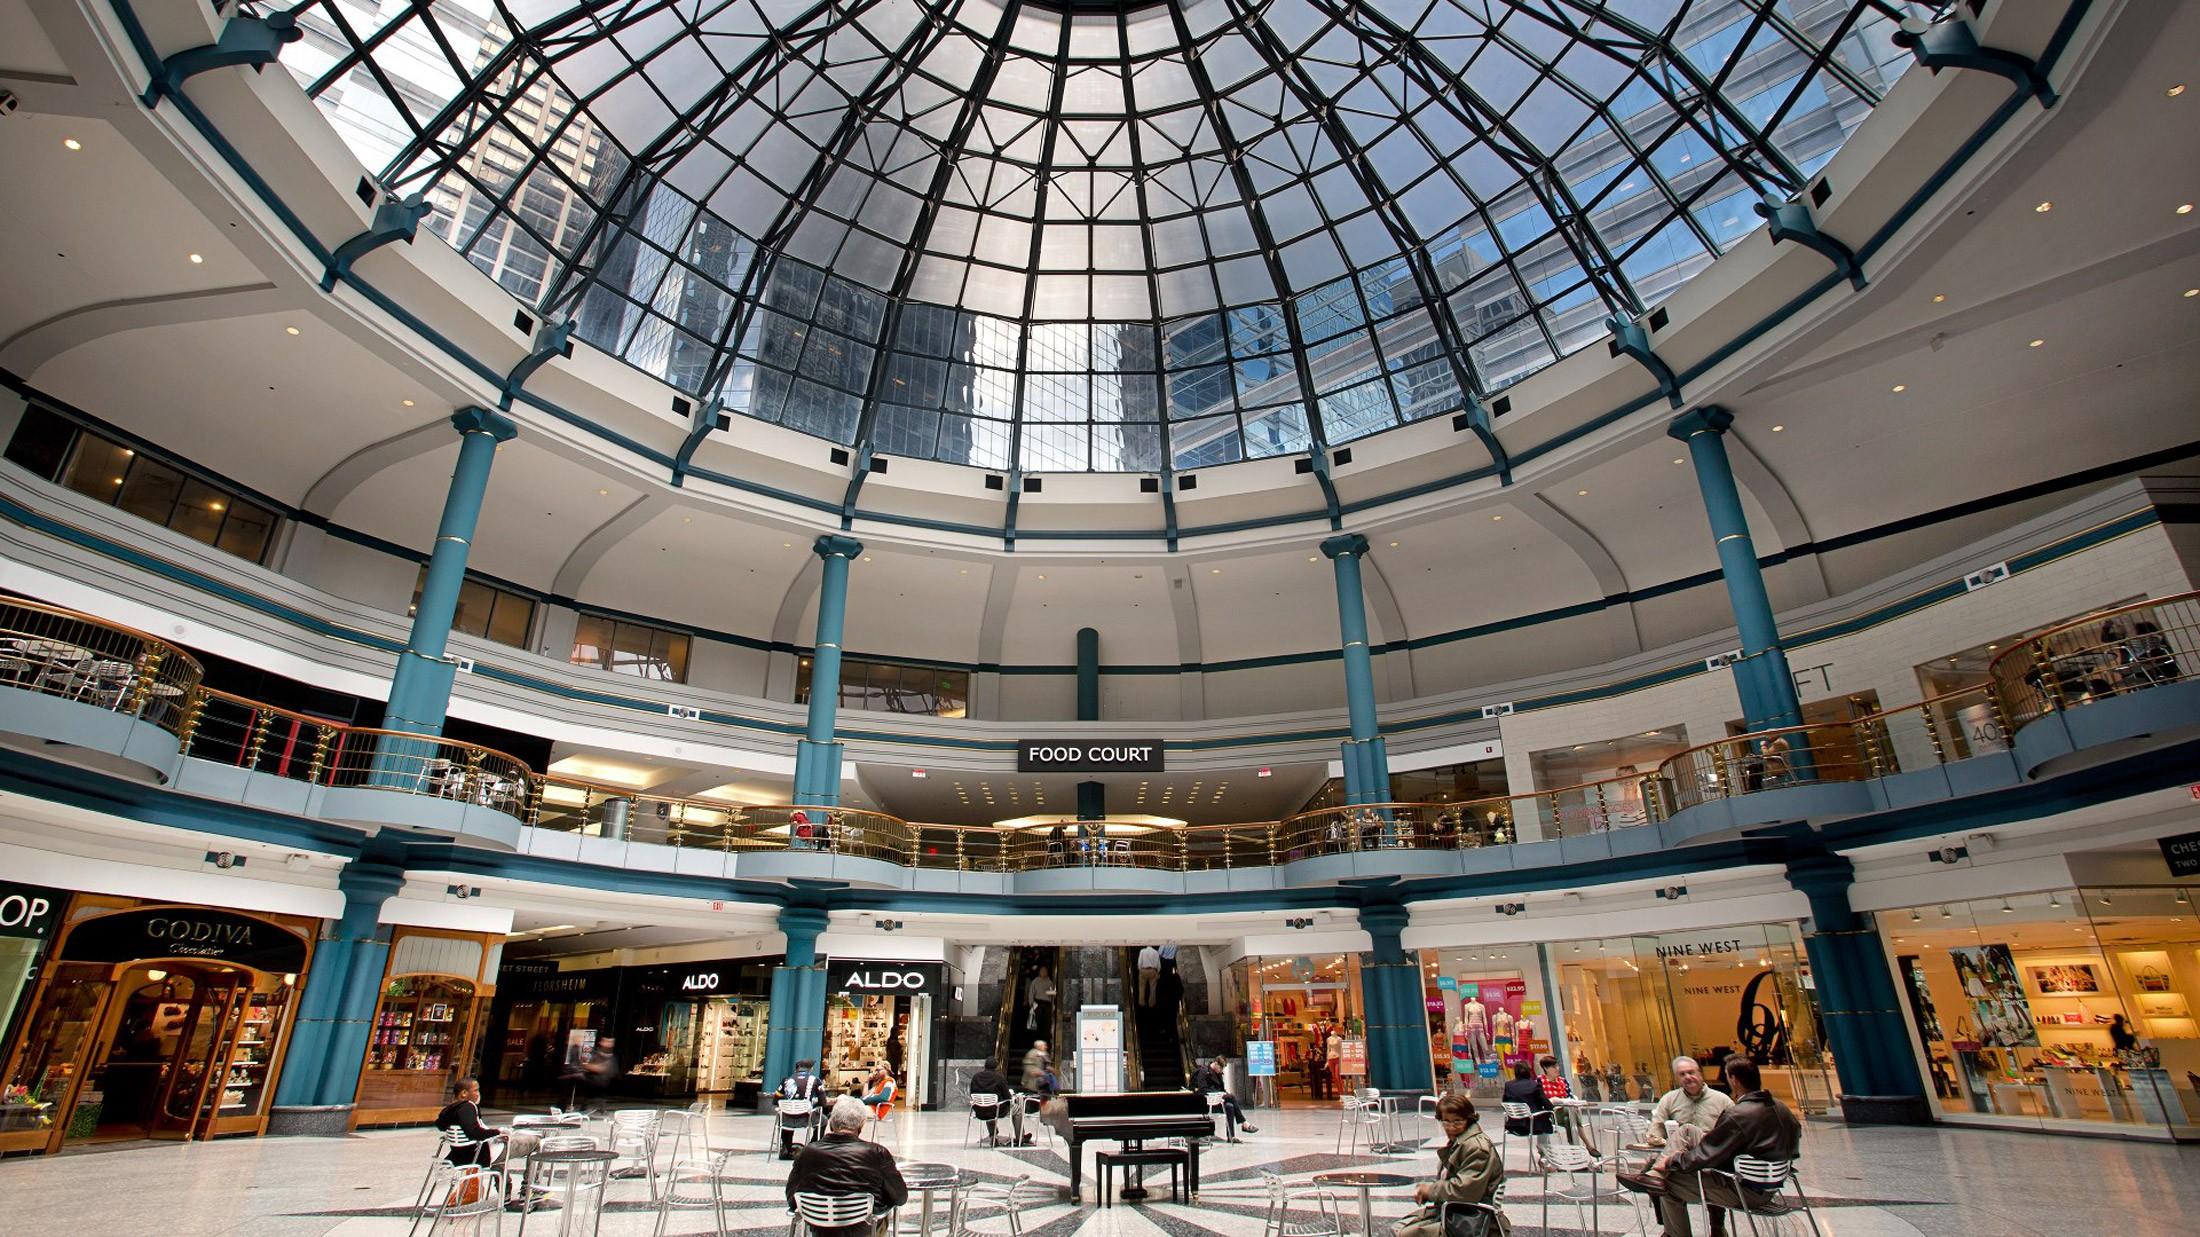 متعة التسوق في فيلادلفيا .. تعرف على أفضل أماكن ومراكز التسوق في فيلادلفيا